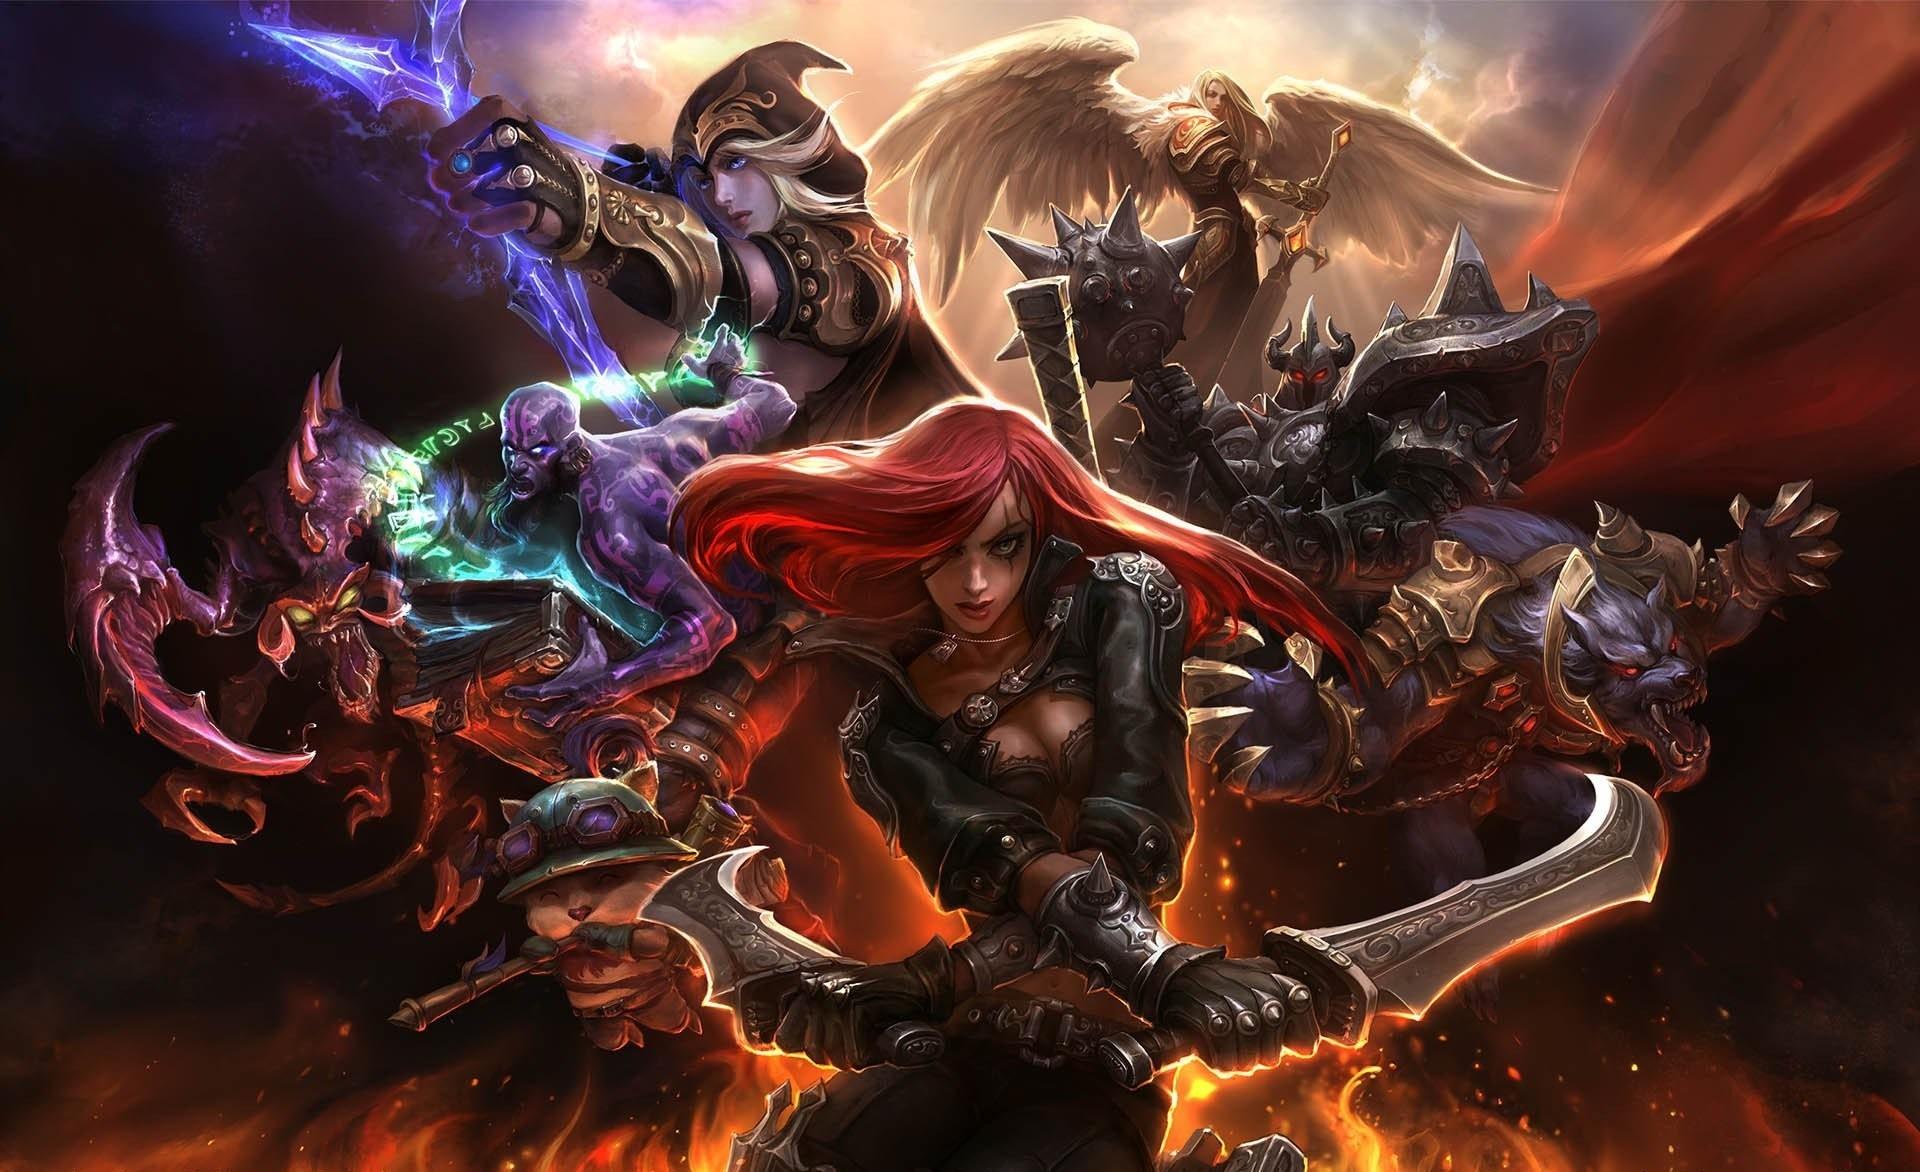 В League of Legends вышло обновление 9.8